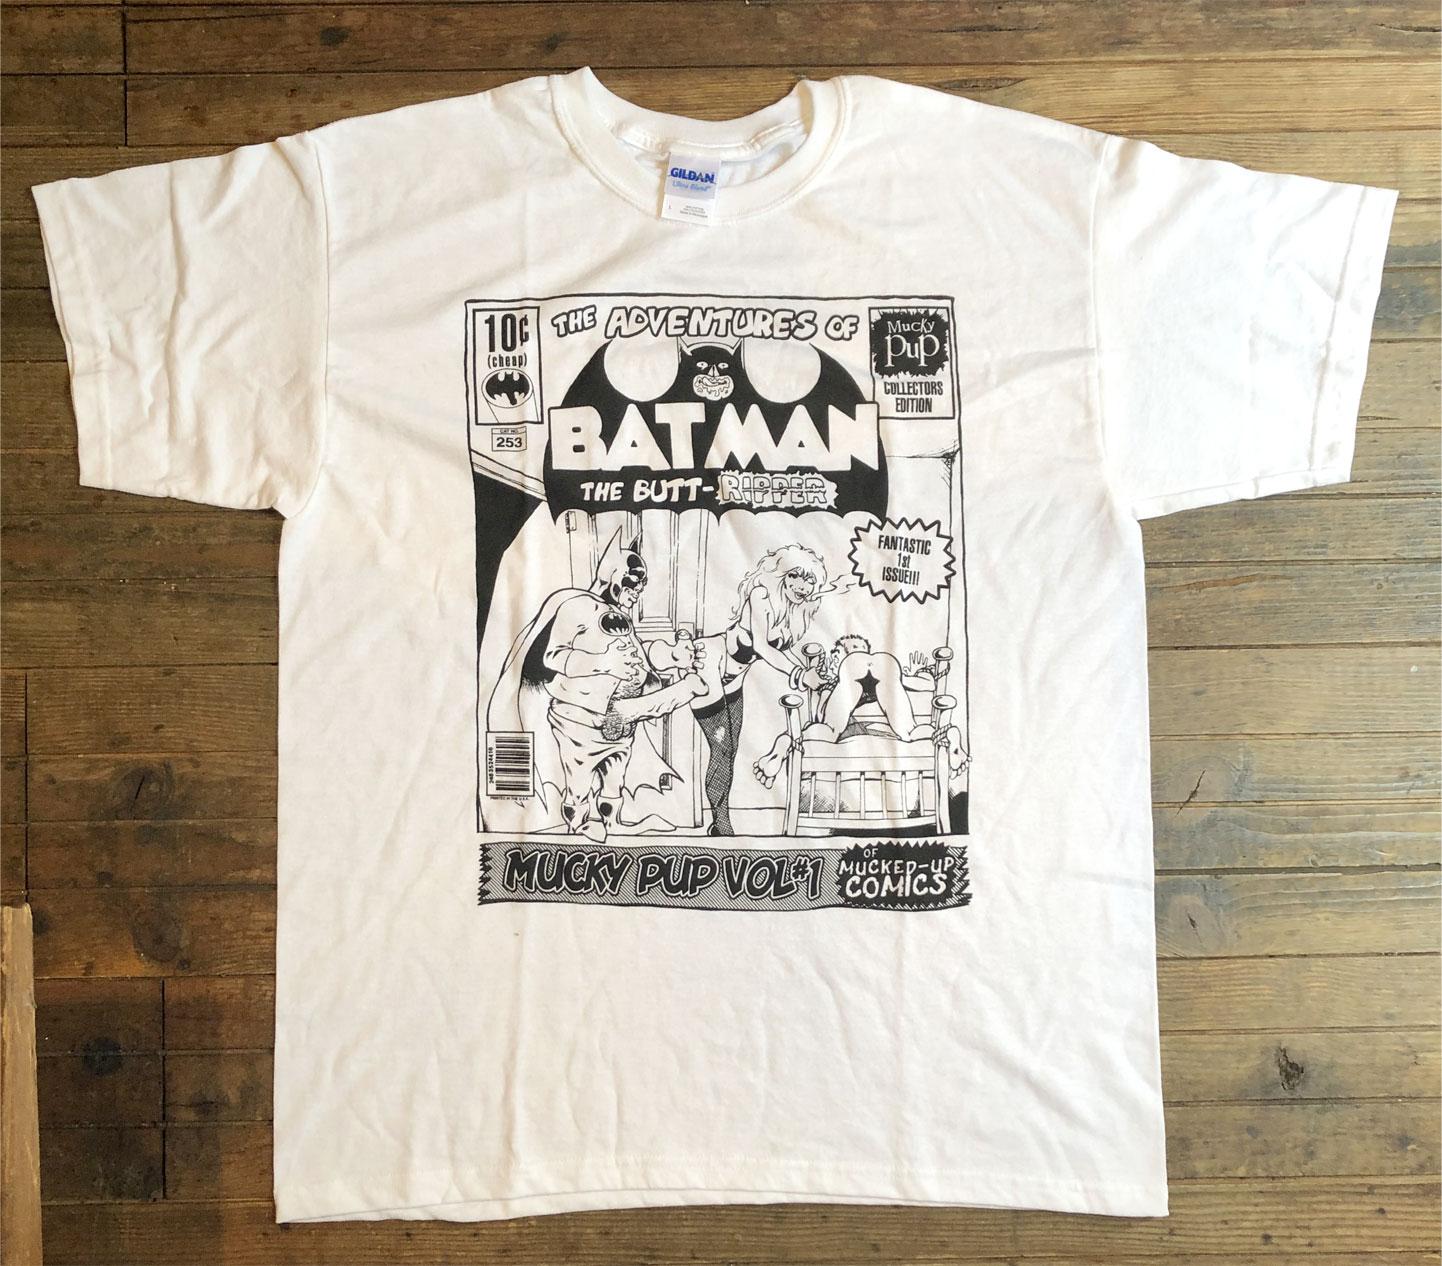 MUCKY PUP Tシャツ BAT MAN オフィシャル!!!!!!